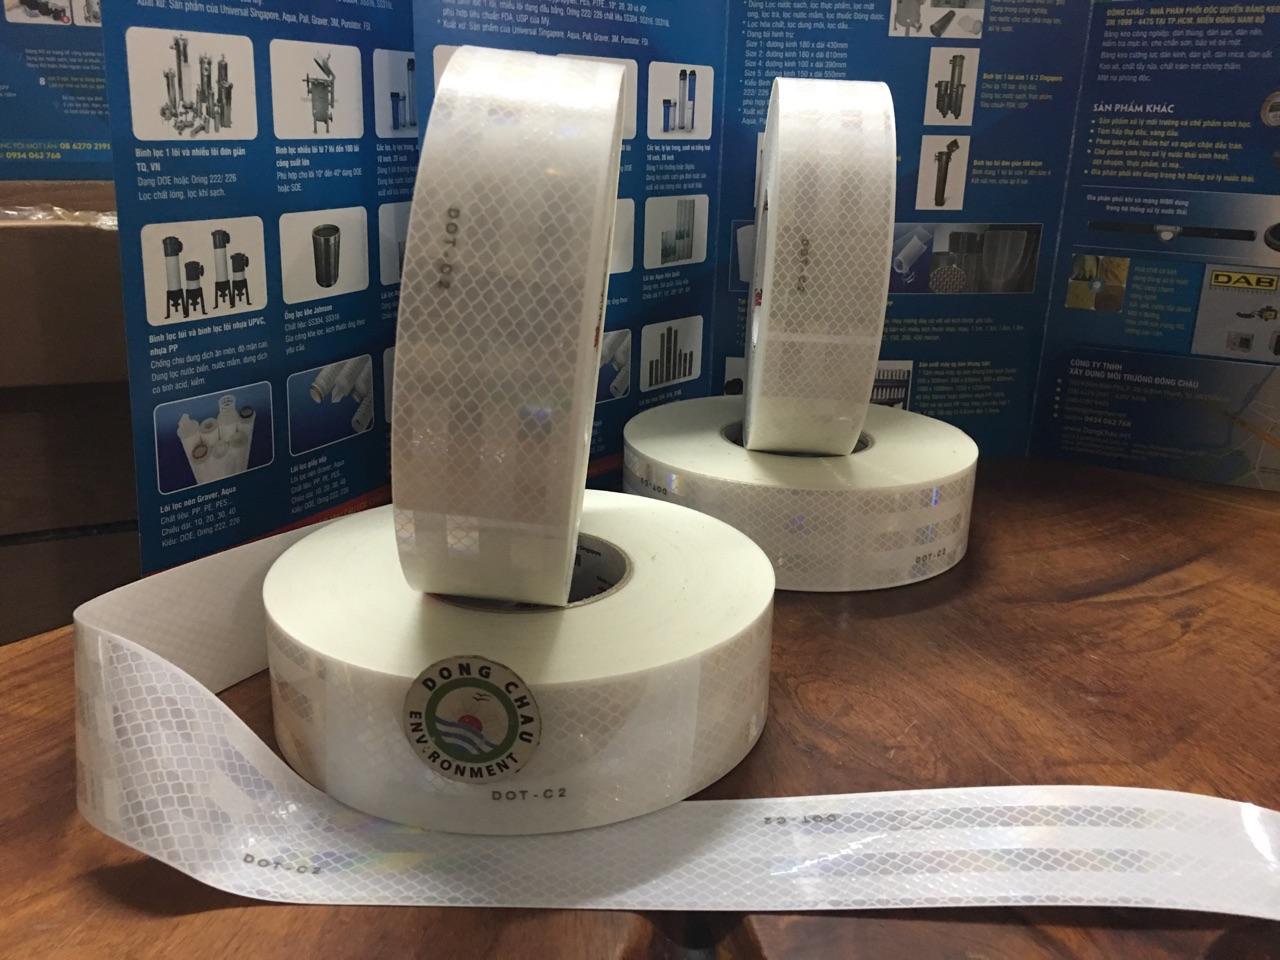 Băng keo phản quang màu trắng 3M 983-10